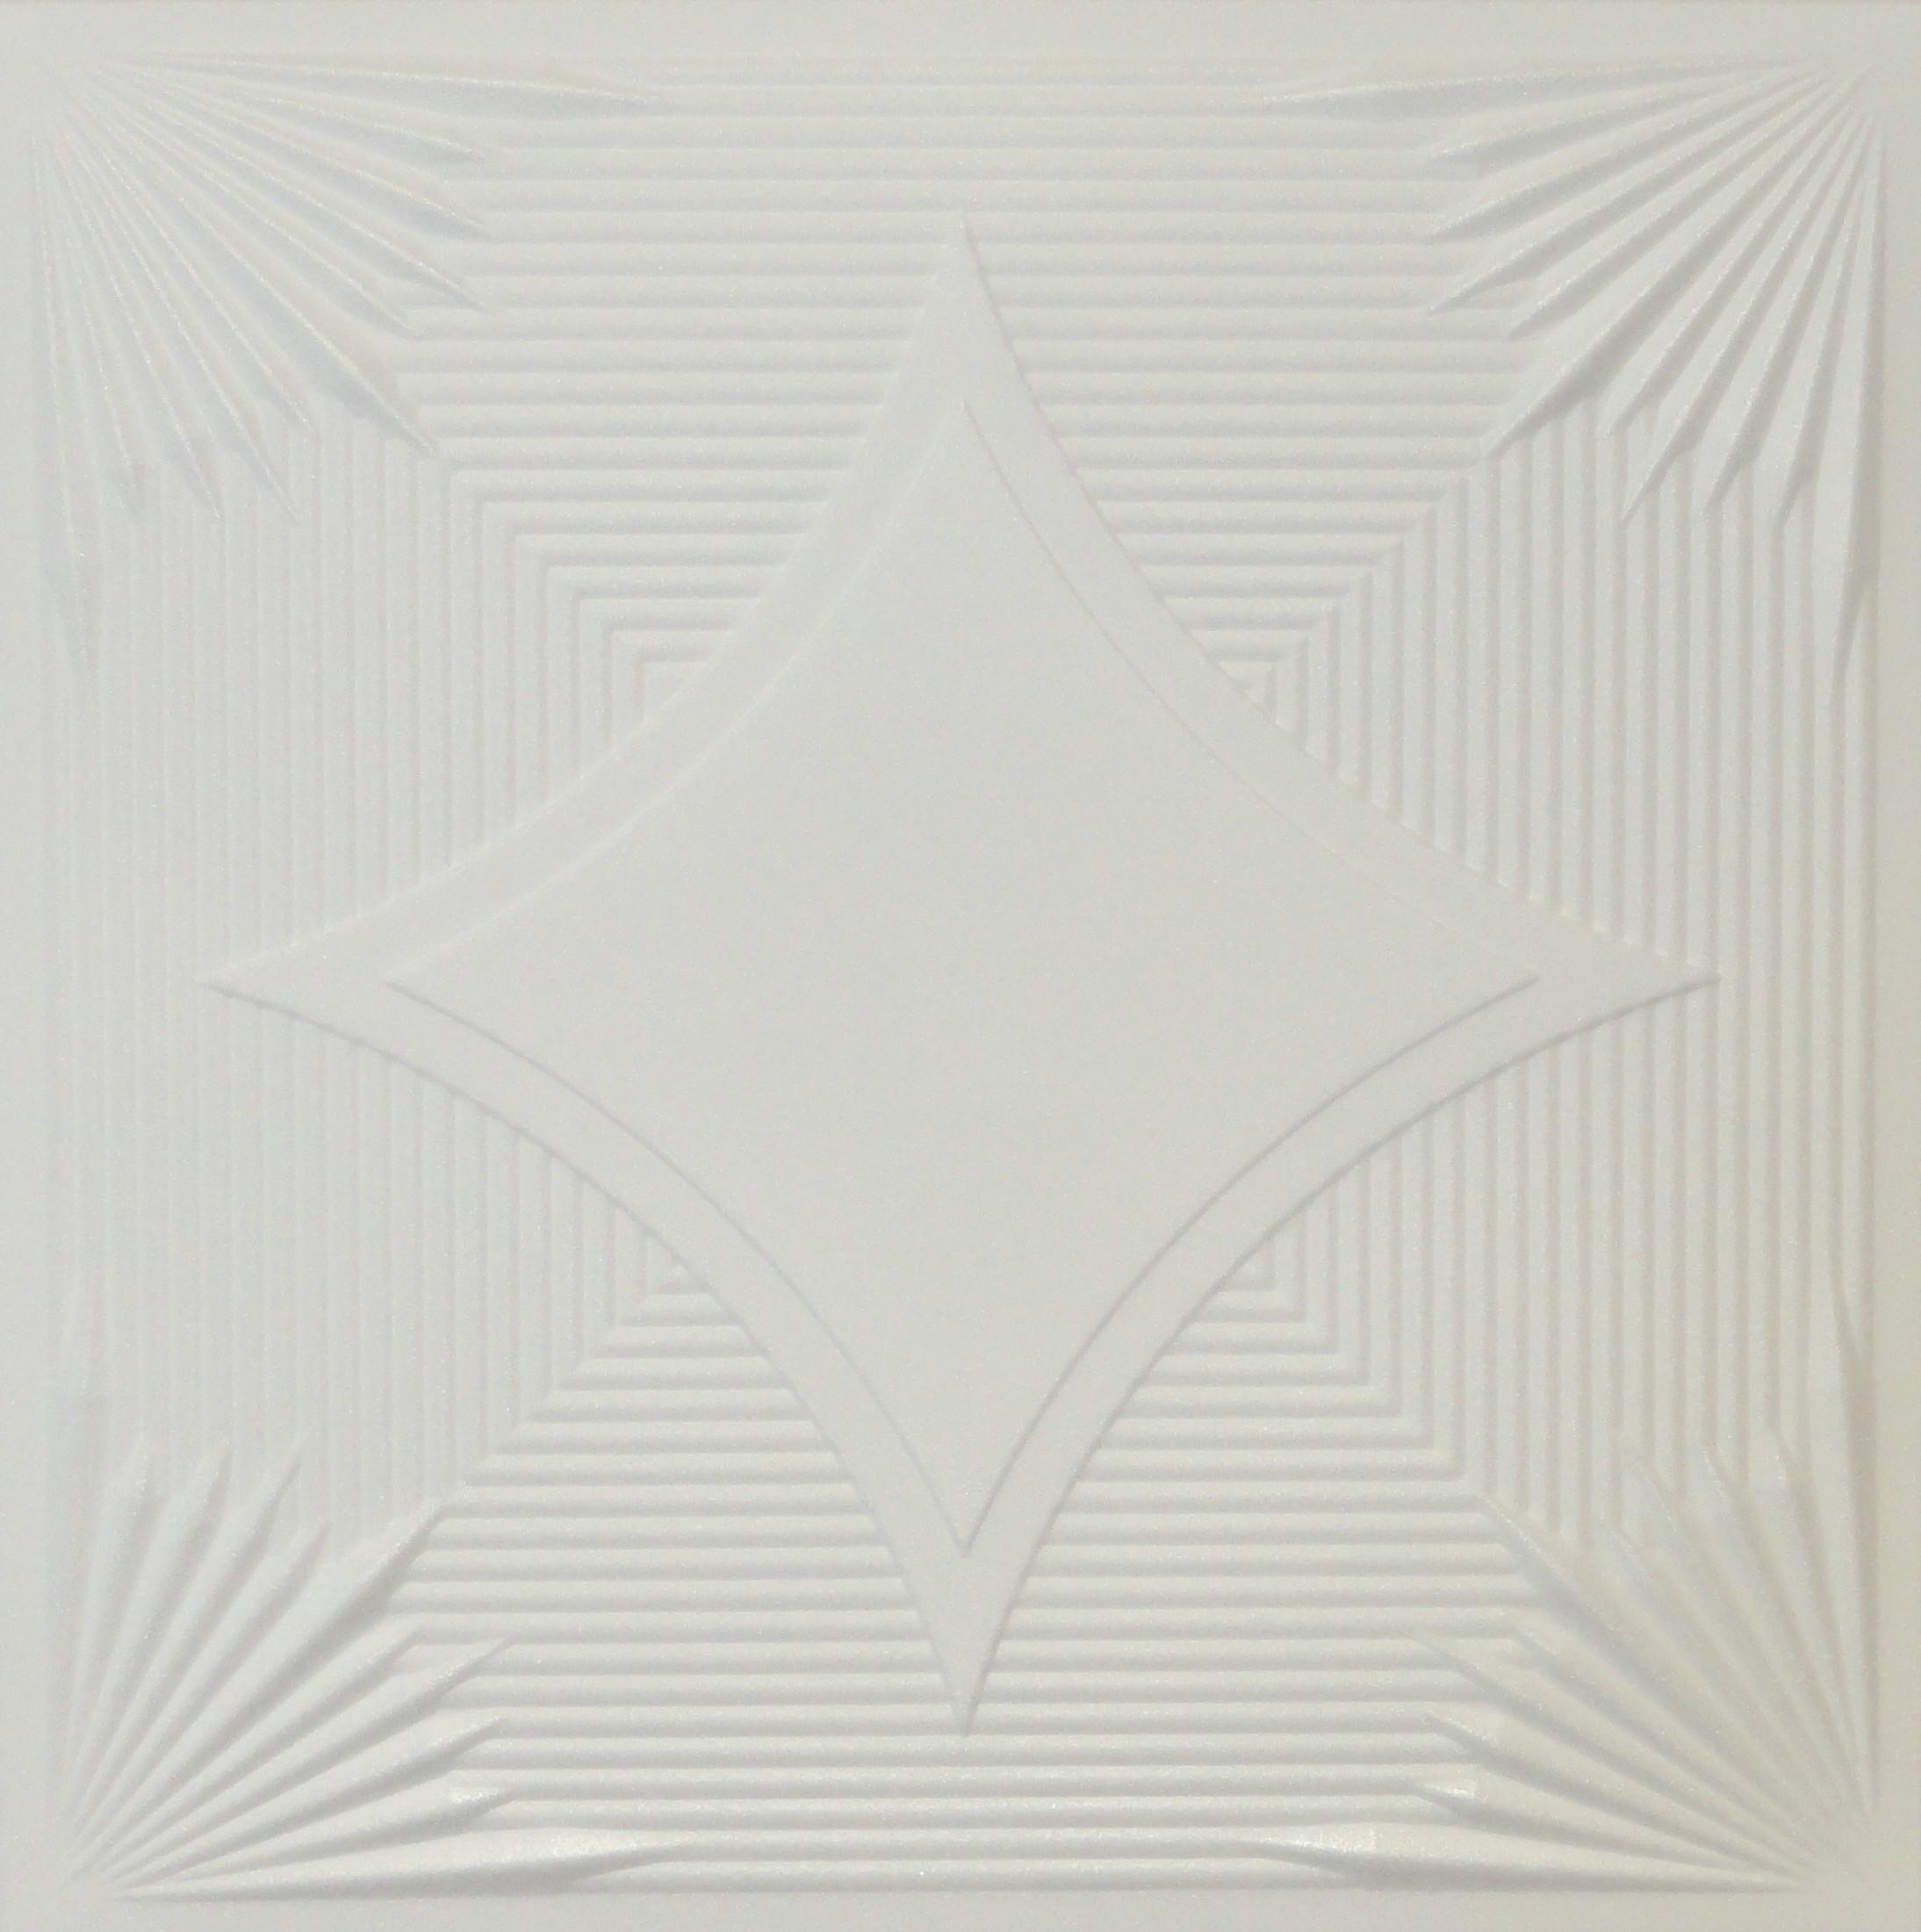 R14 Styrofoam Ceiling Tile 20x20 Plain White